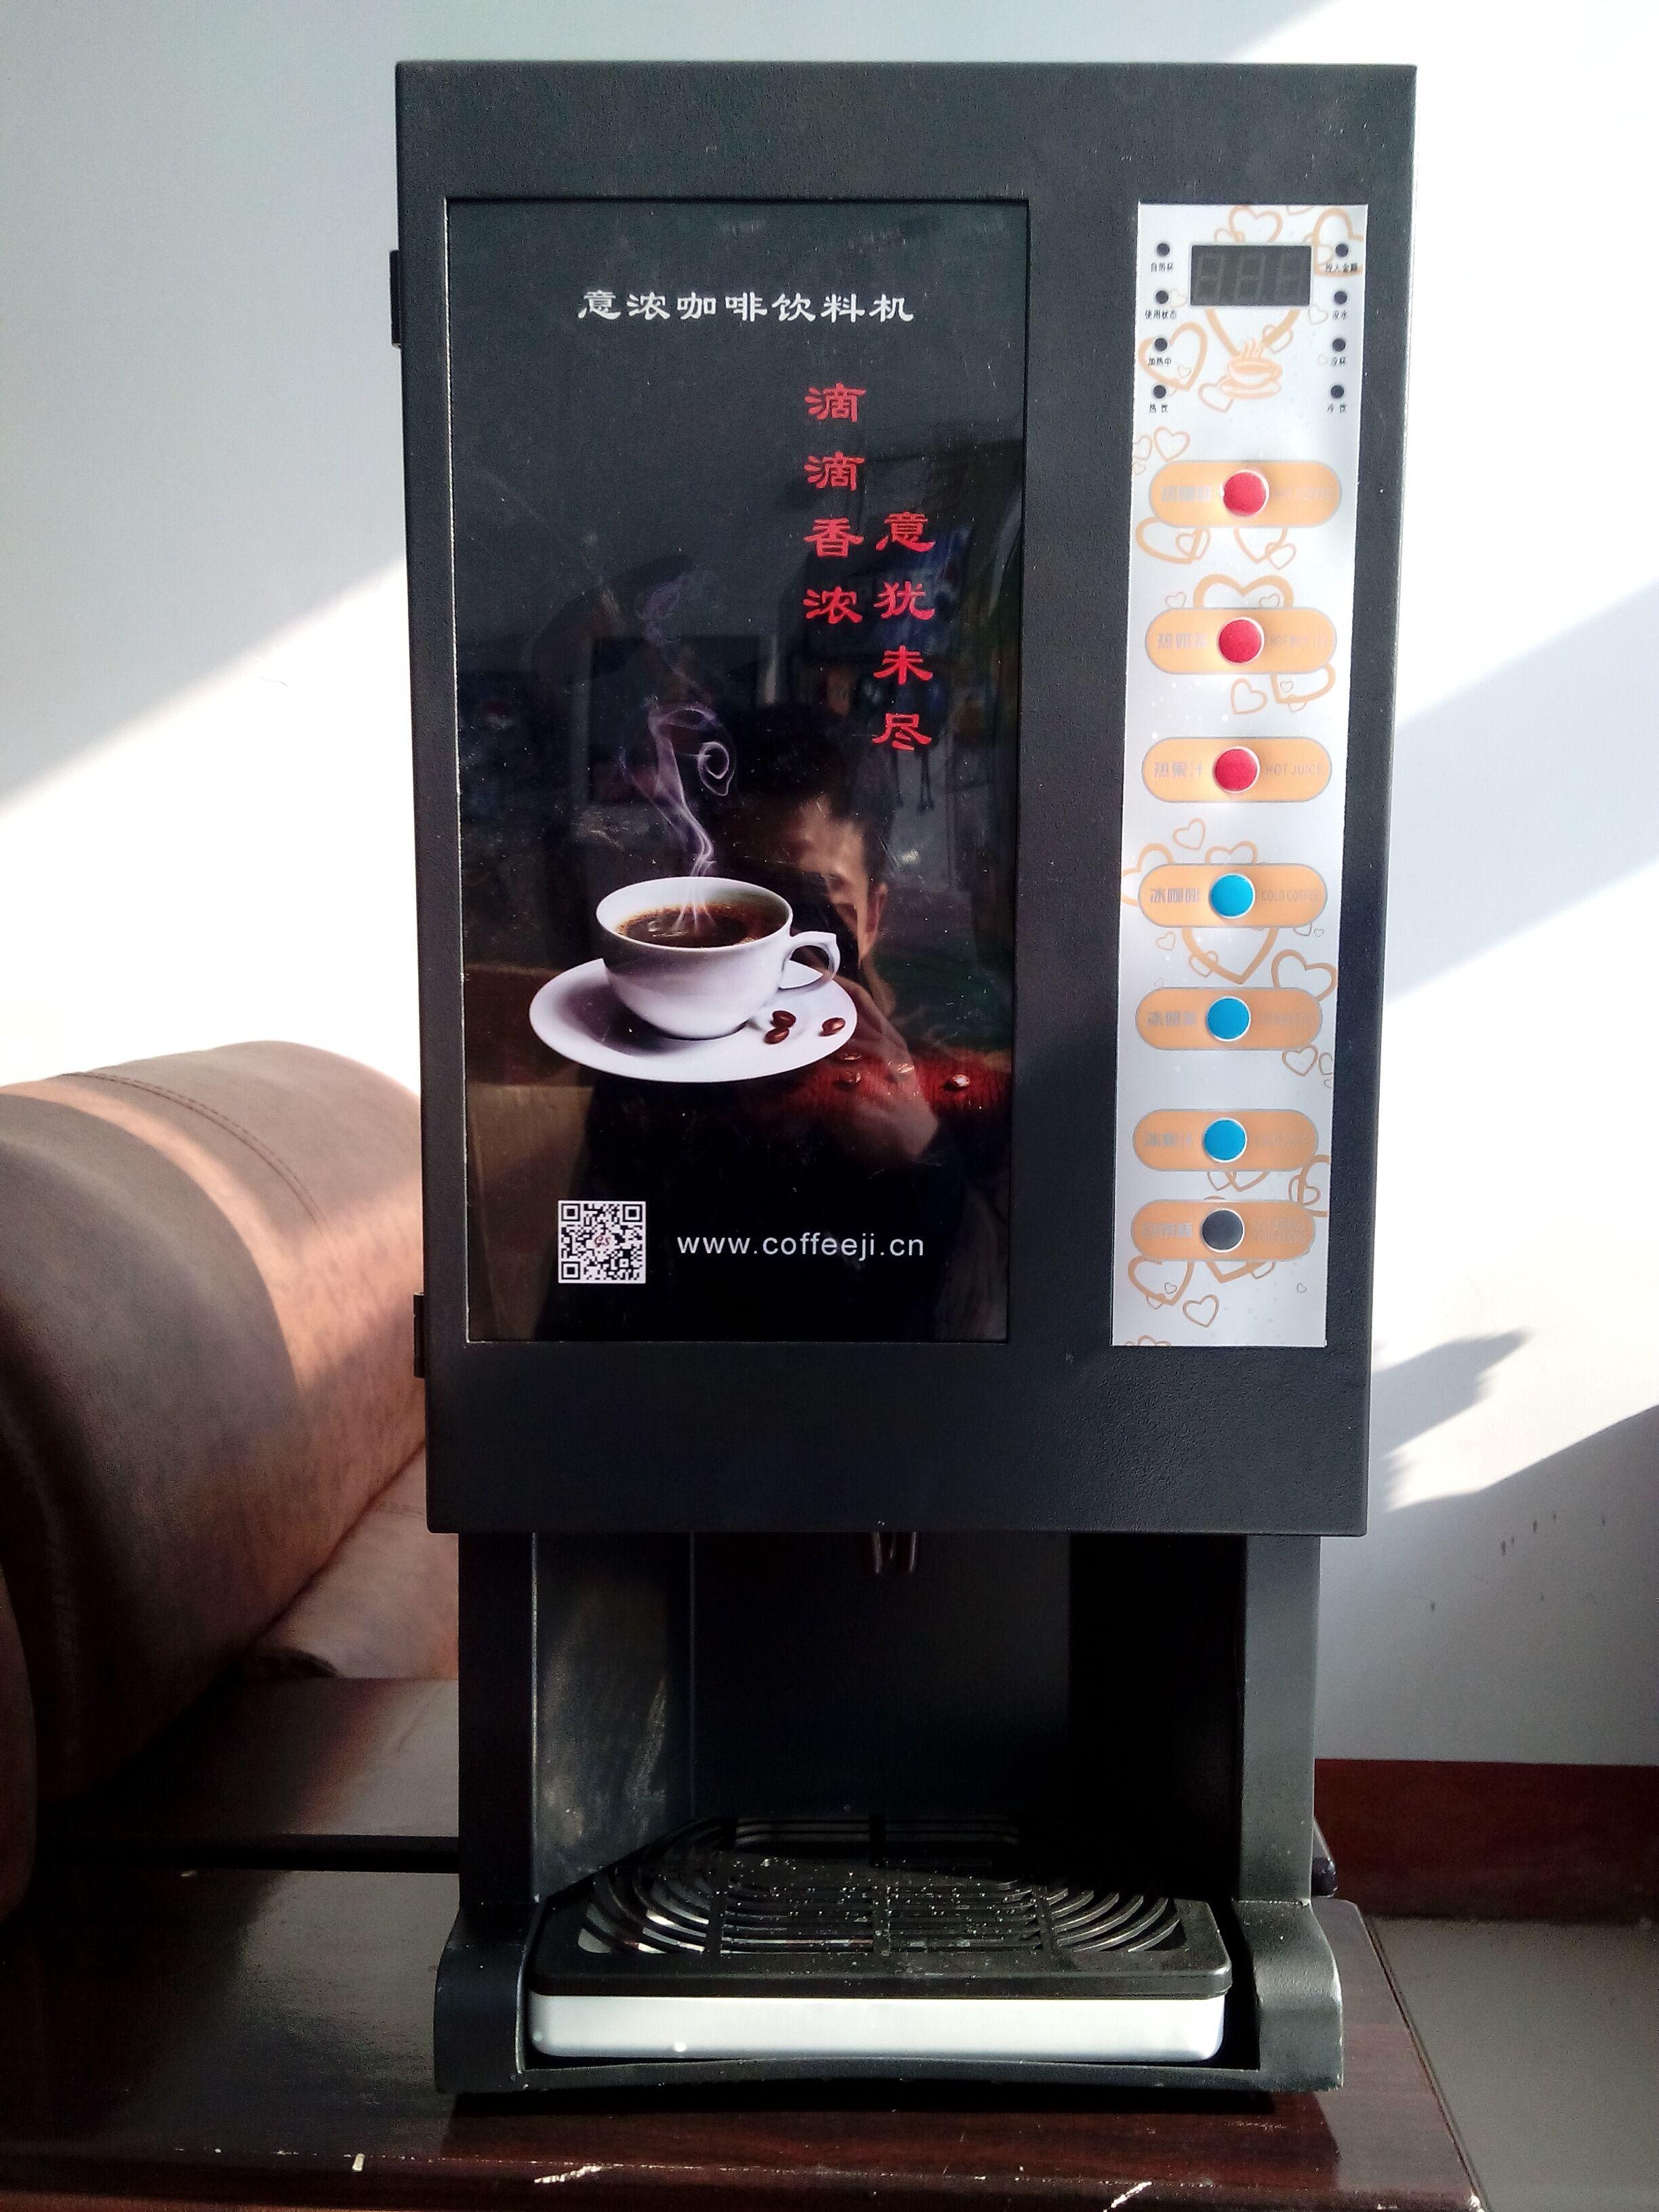 新进咖啡机 实用咖啡机特价销售 咖啡机租赁 咖啡机价格便宜